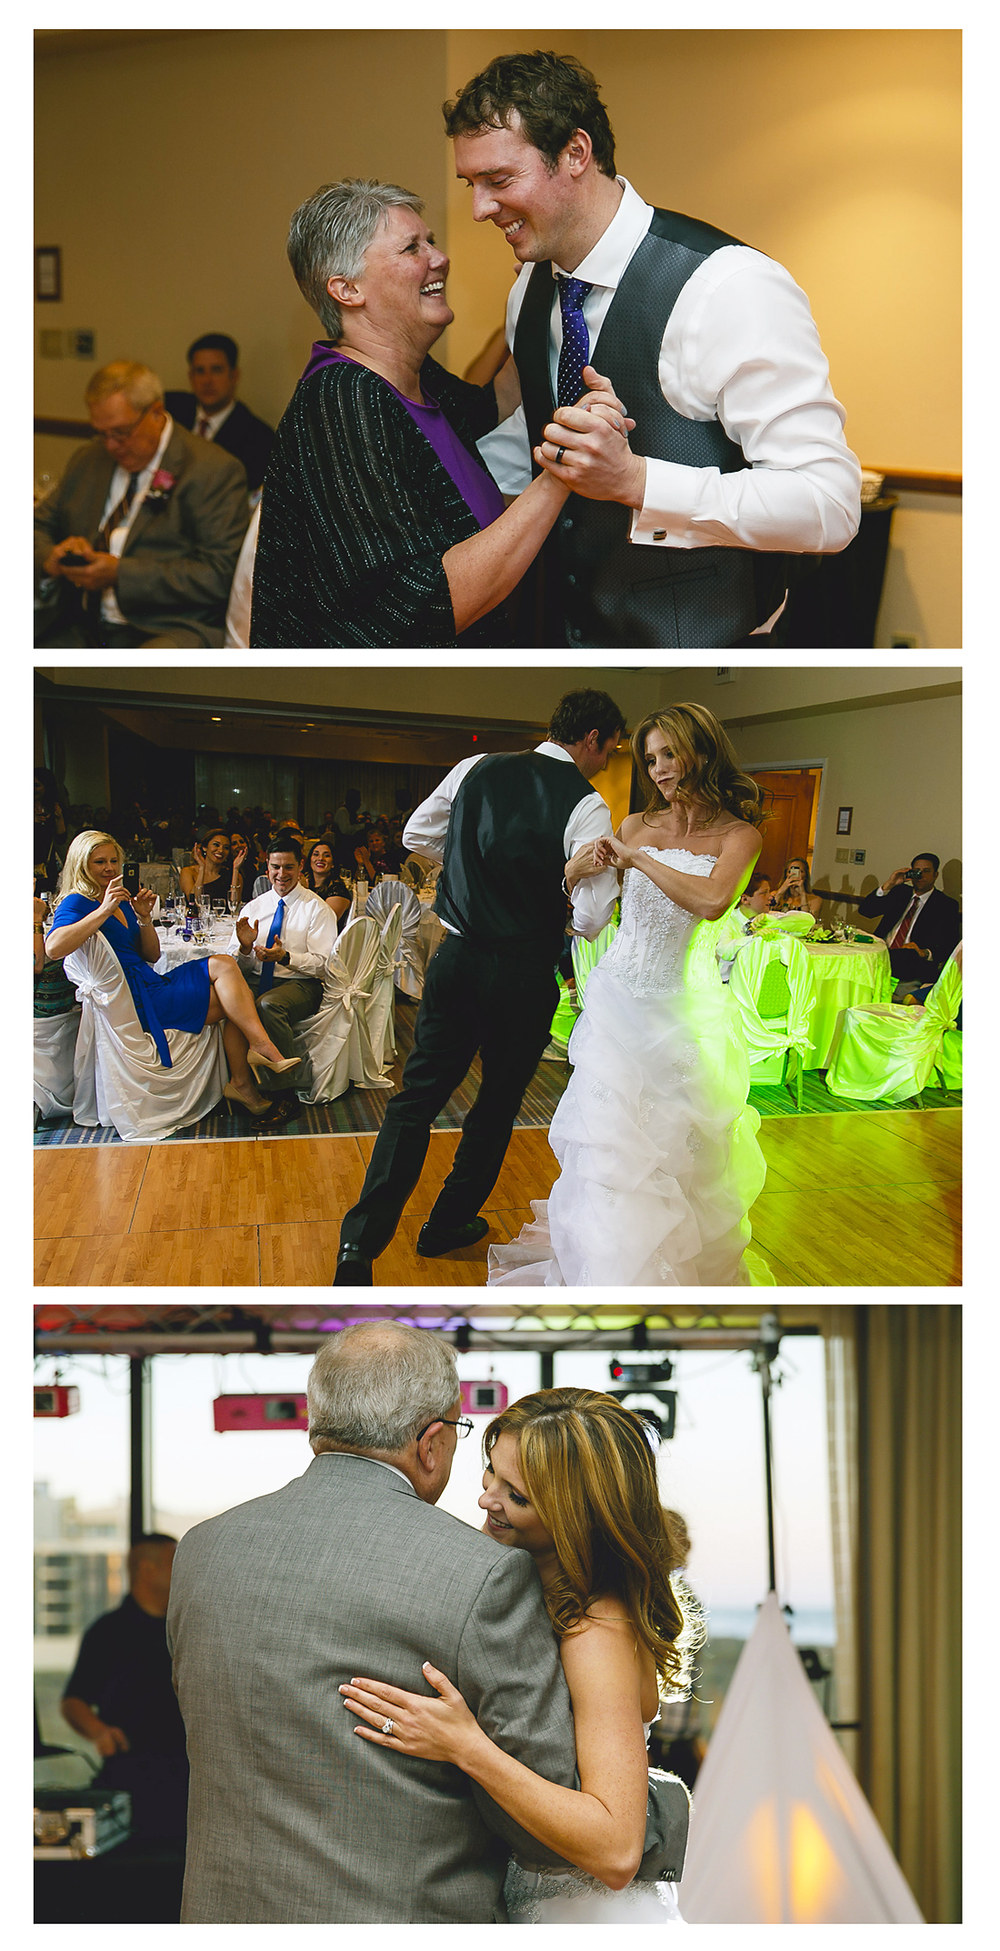 dance2 copy.jpg